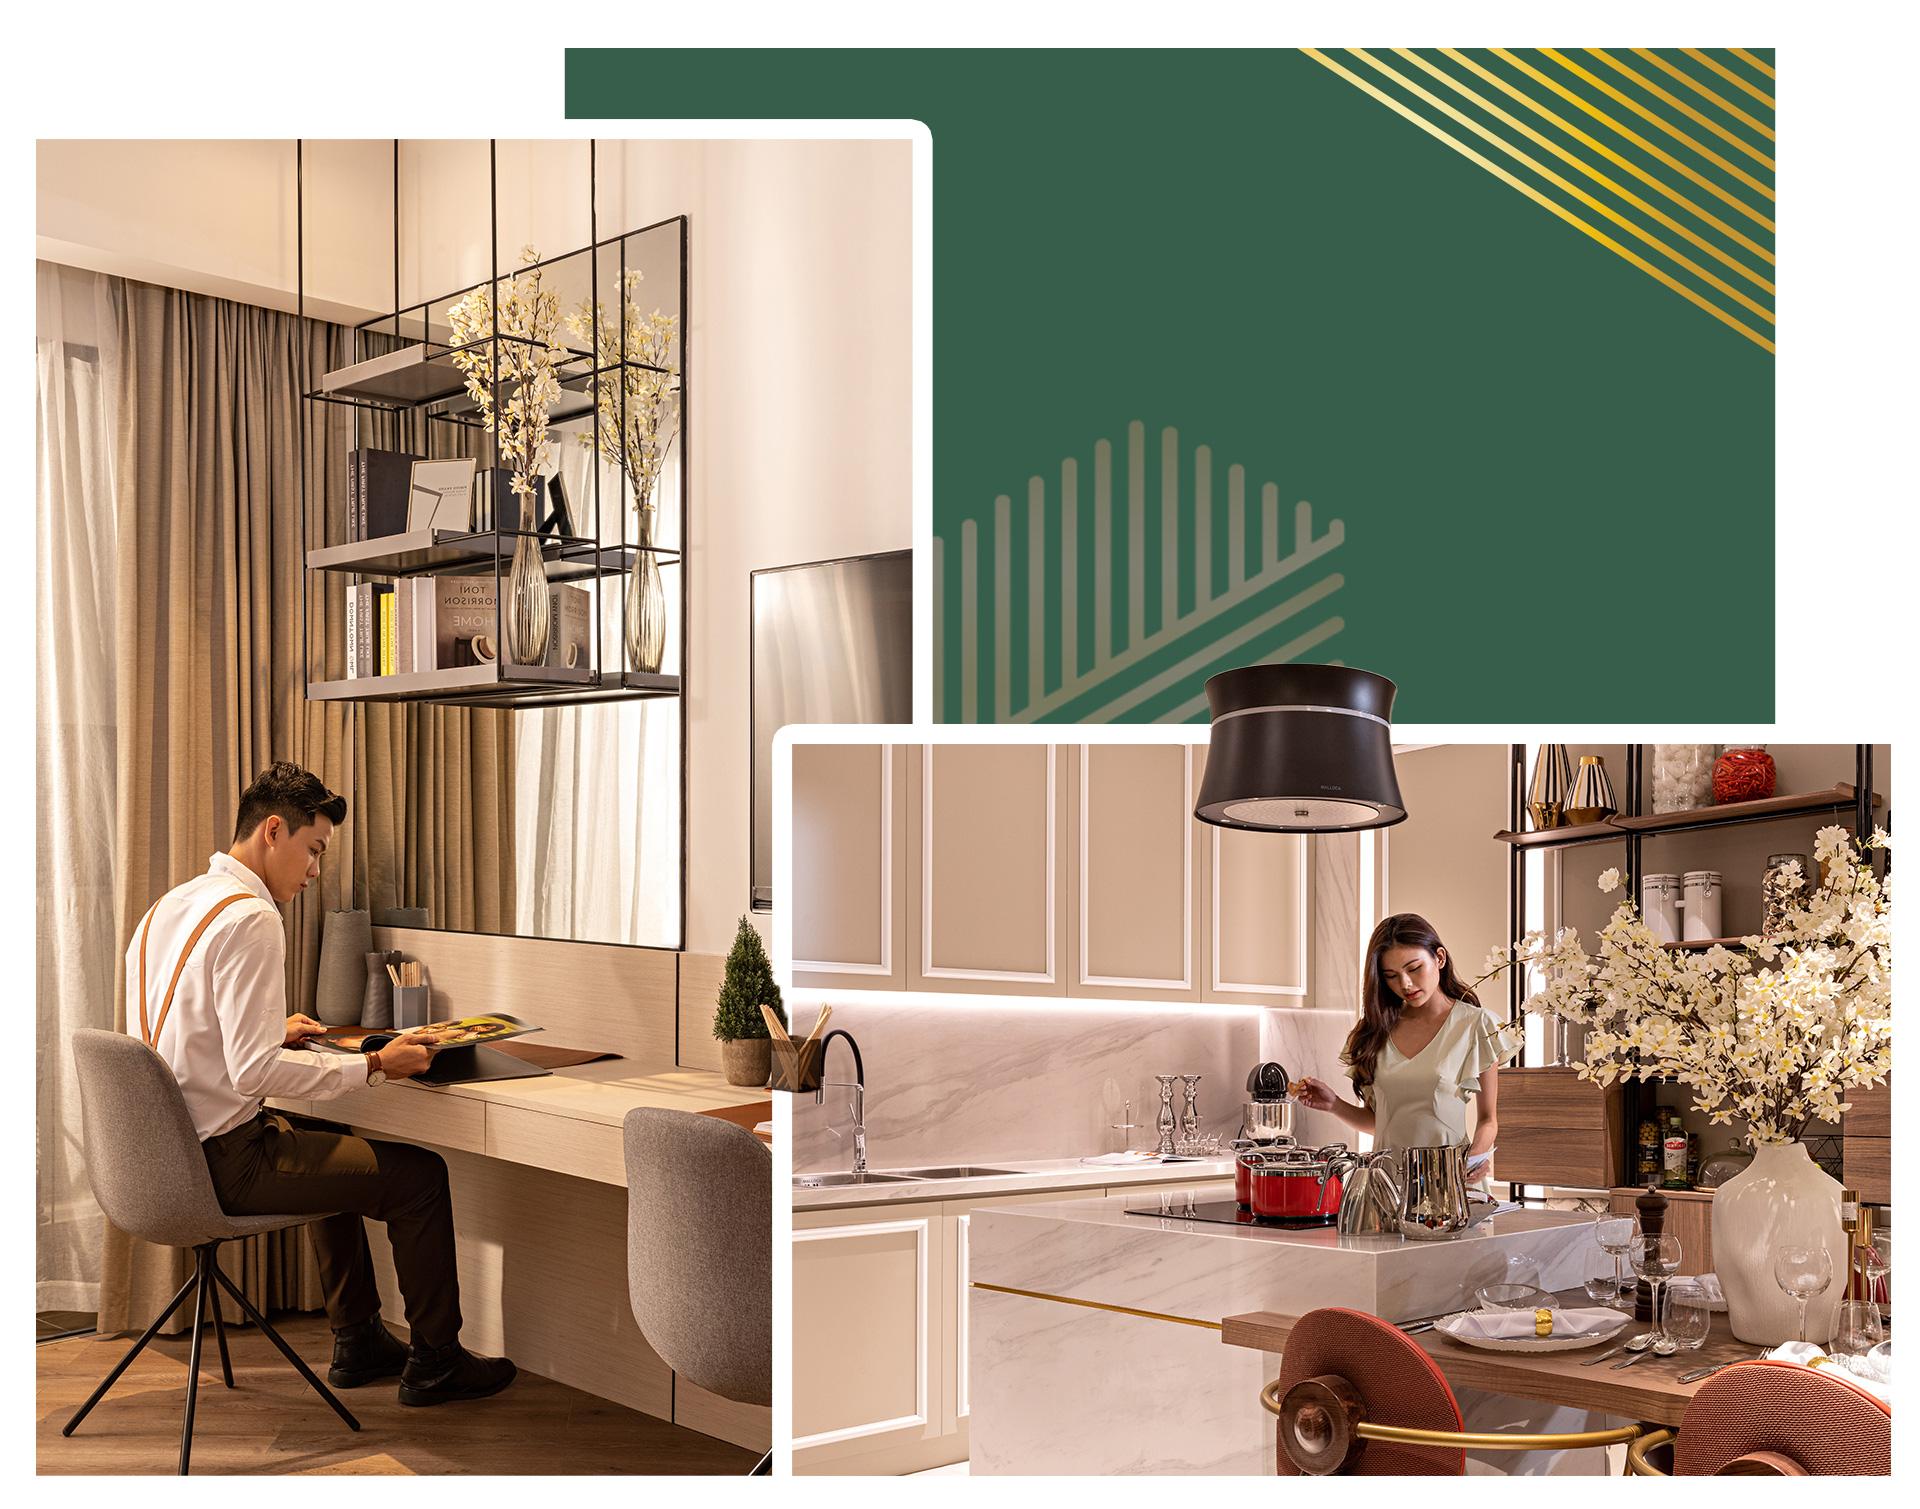 Anderson Park - căn hộ chuẩn hạng phòng Suite 5 sao đã sẵn sàng trình làng - Ảnh 4.